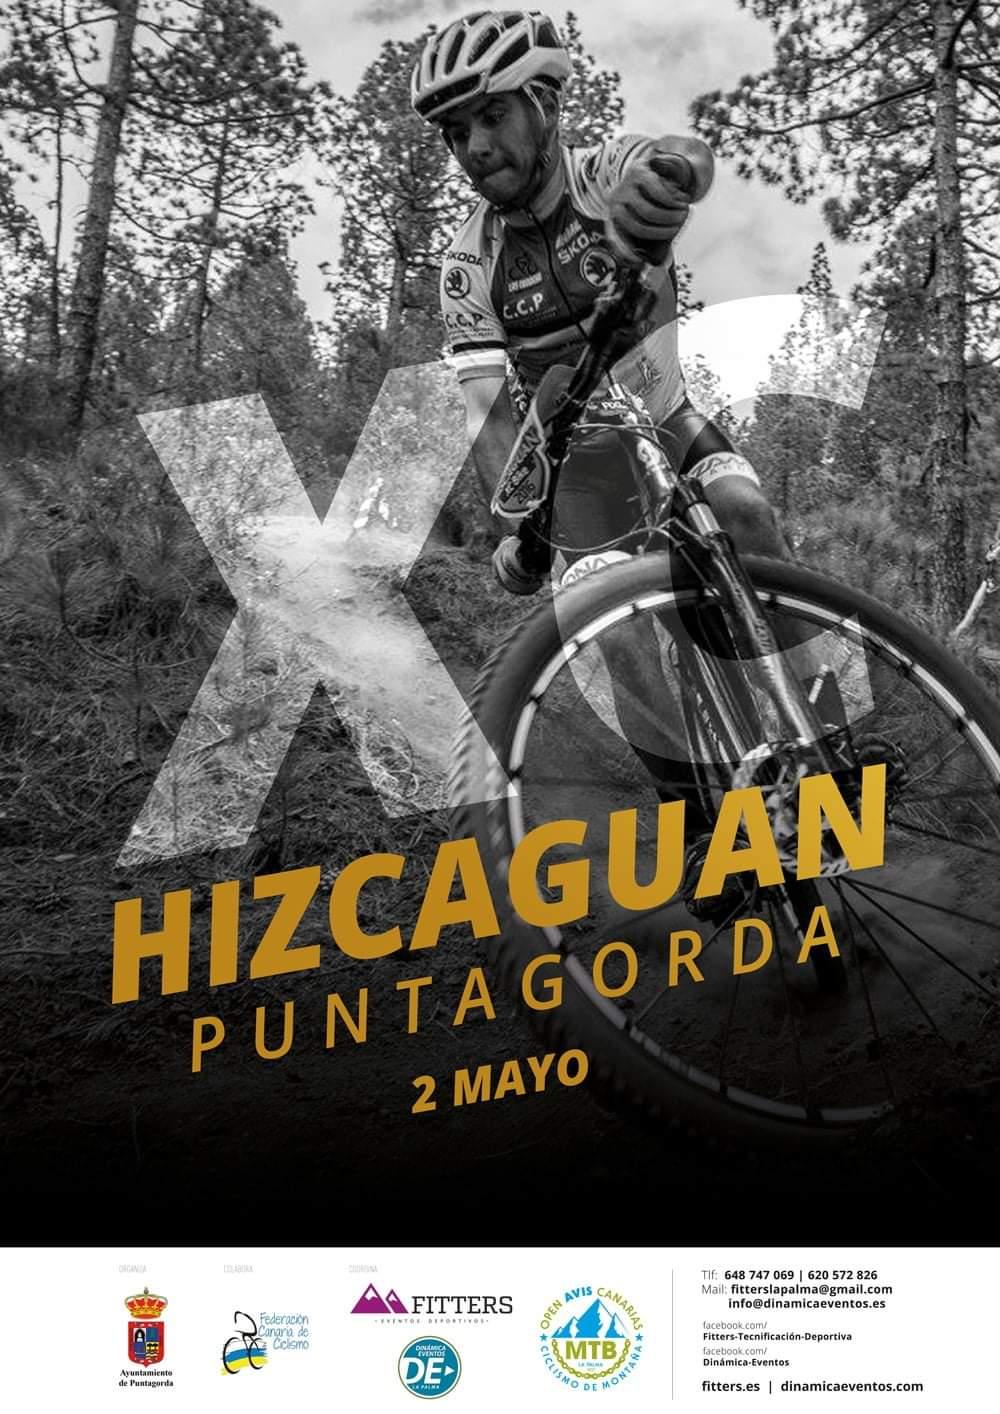 El XC HIZCAGUAN, una llamativa propuesta para los amantes del mountain bike